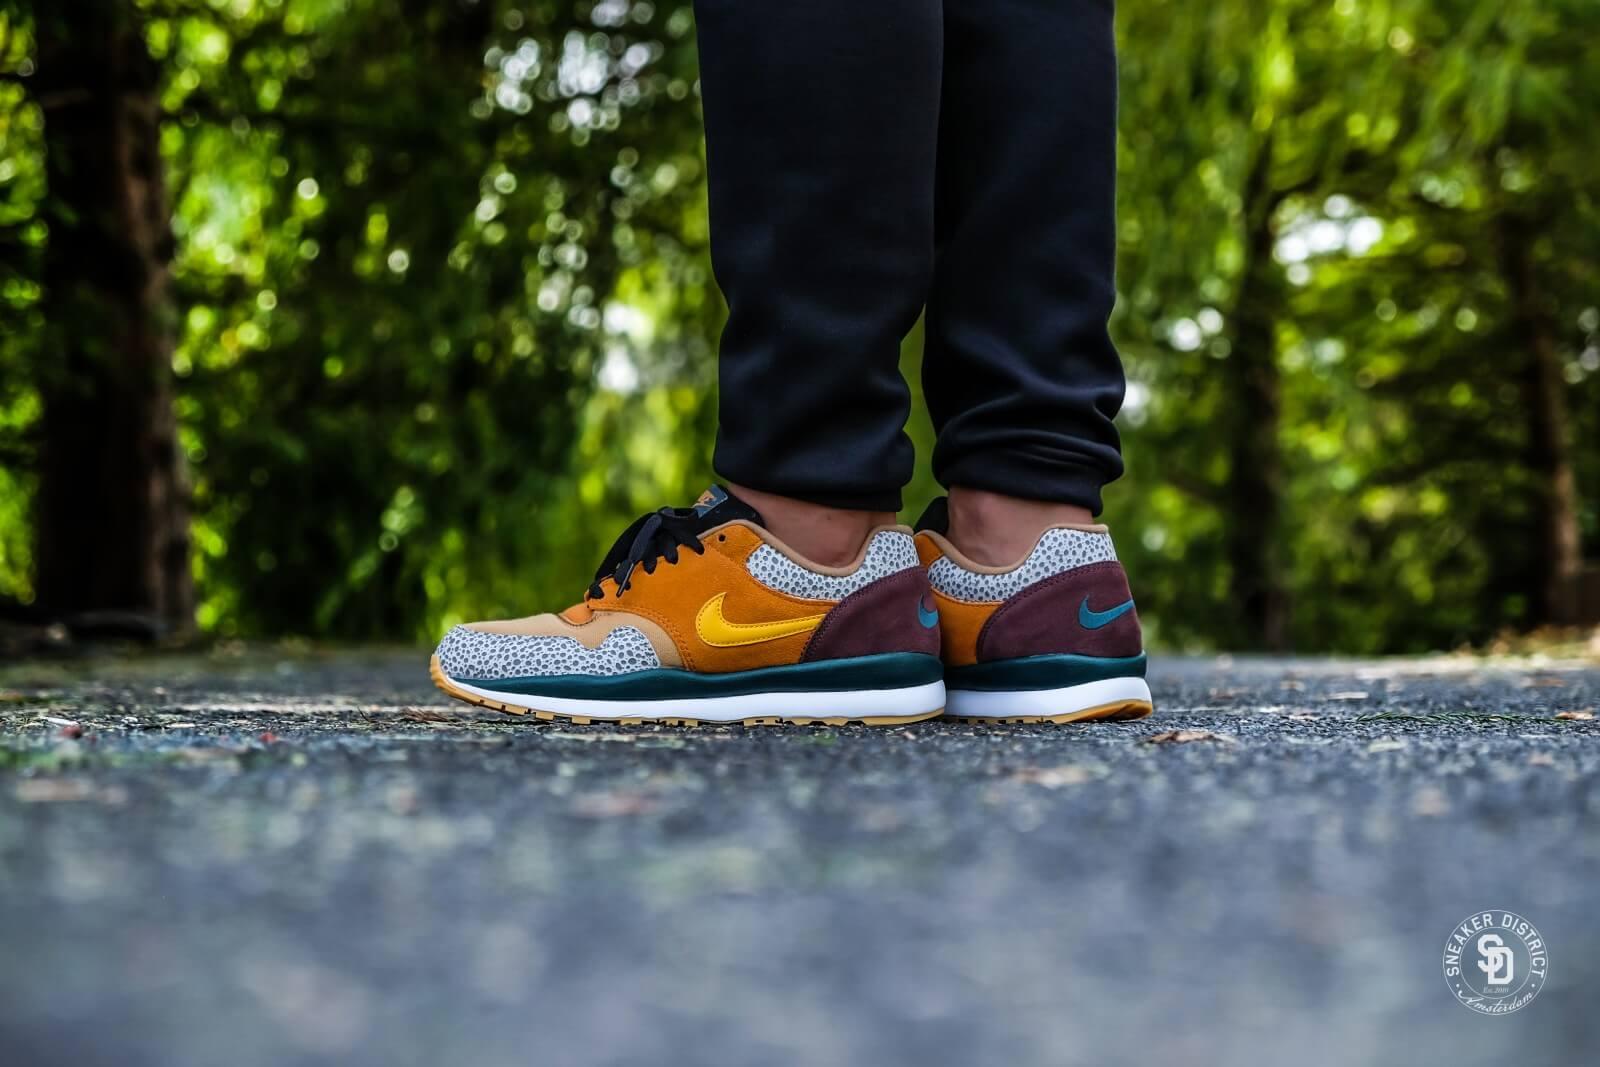 Nike Air Safari SE Monarch/Yellow Ochre-Flax-Mahogany - AO3298-800